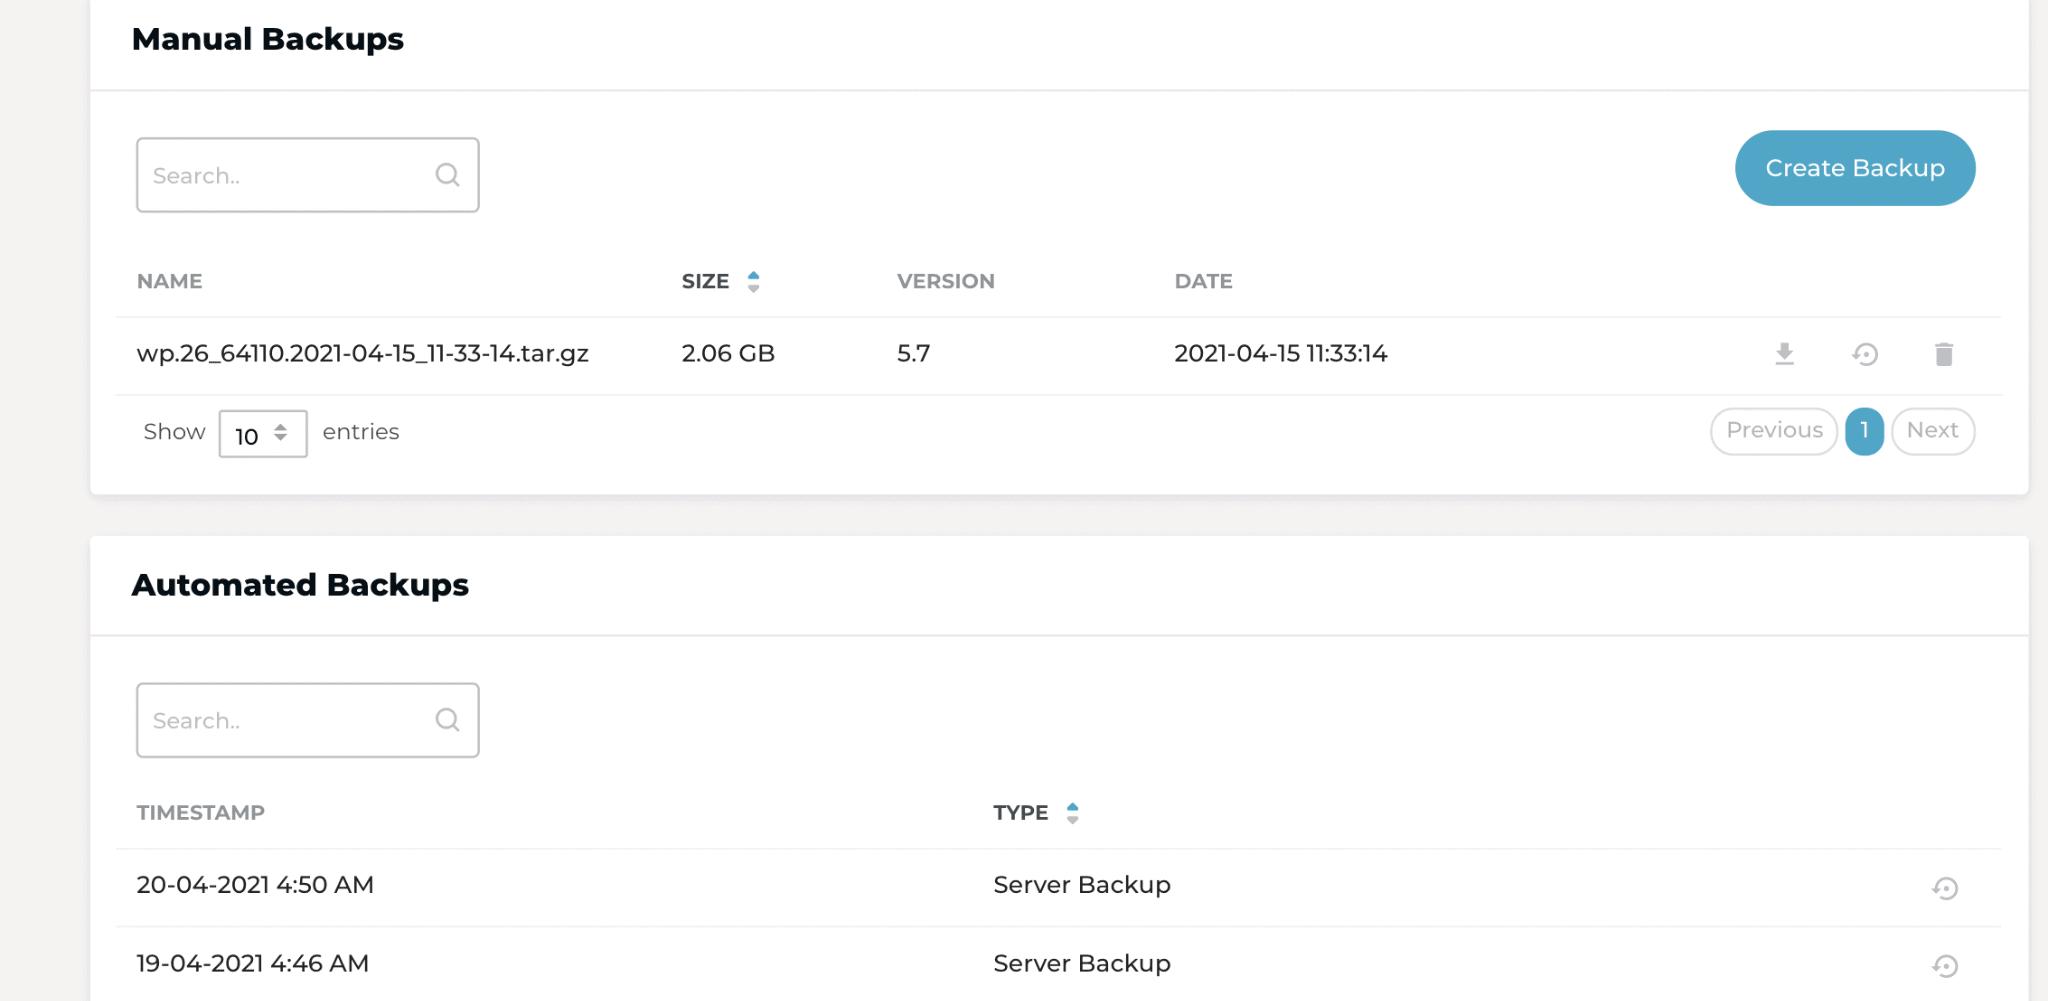 Rocket.net backups